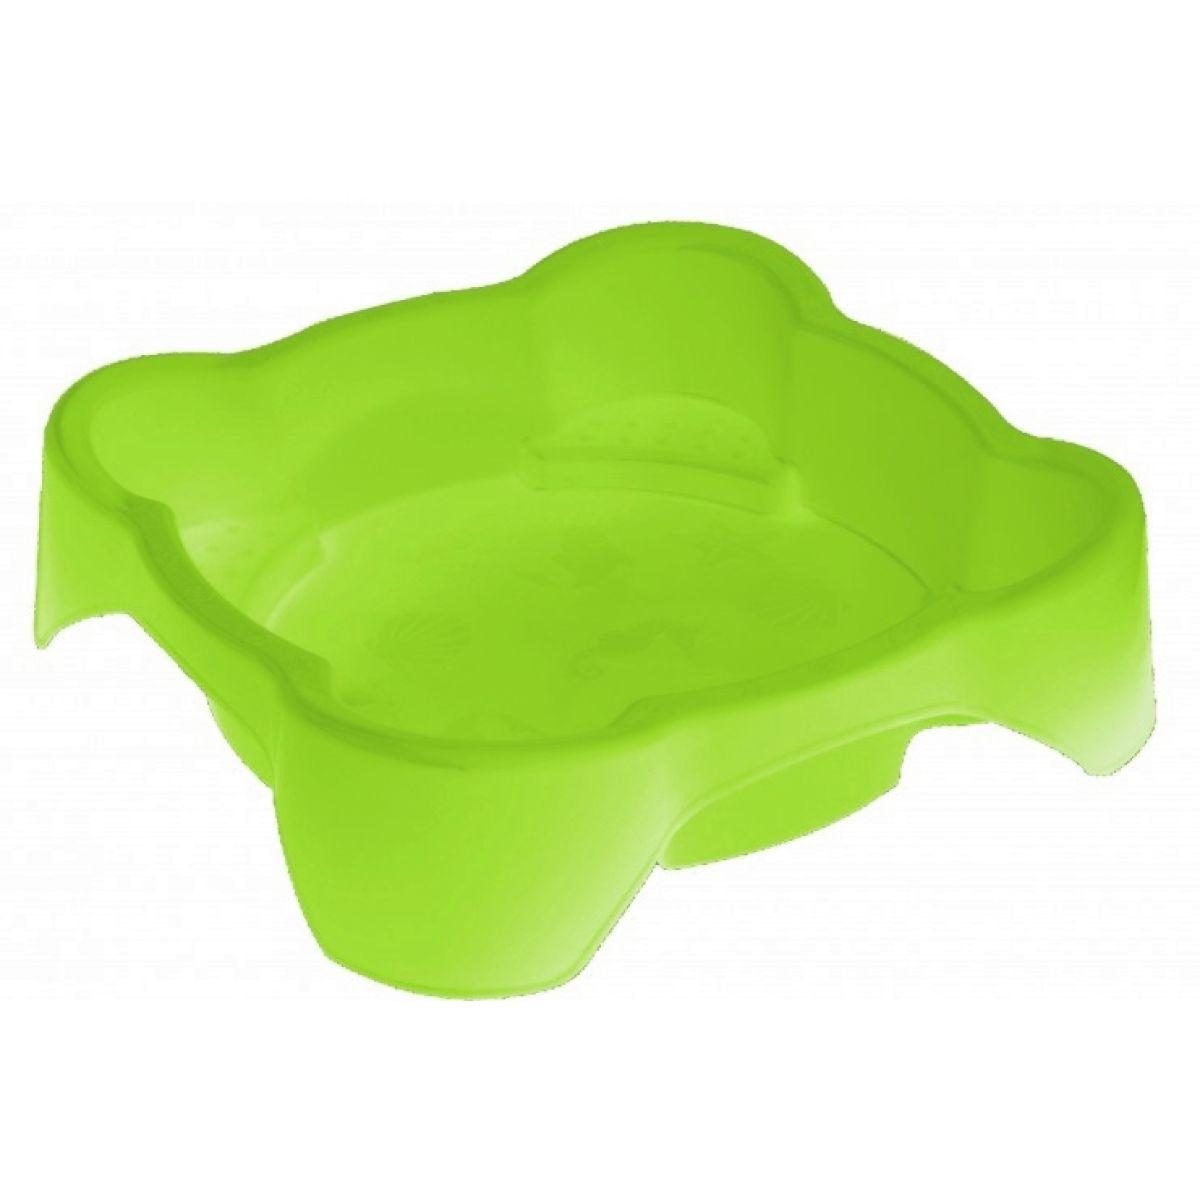 Palplay Pískoviště bazének čtverec - Zelená